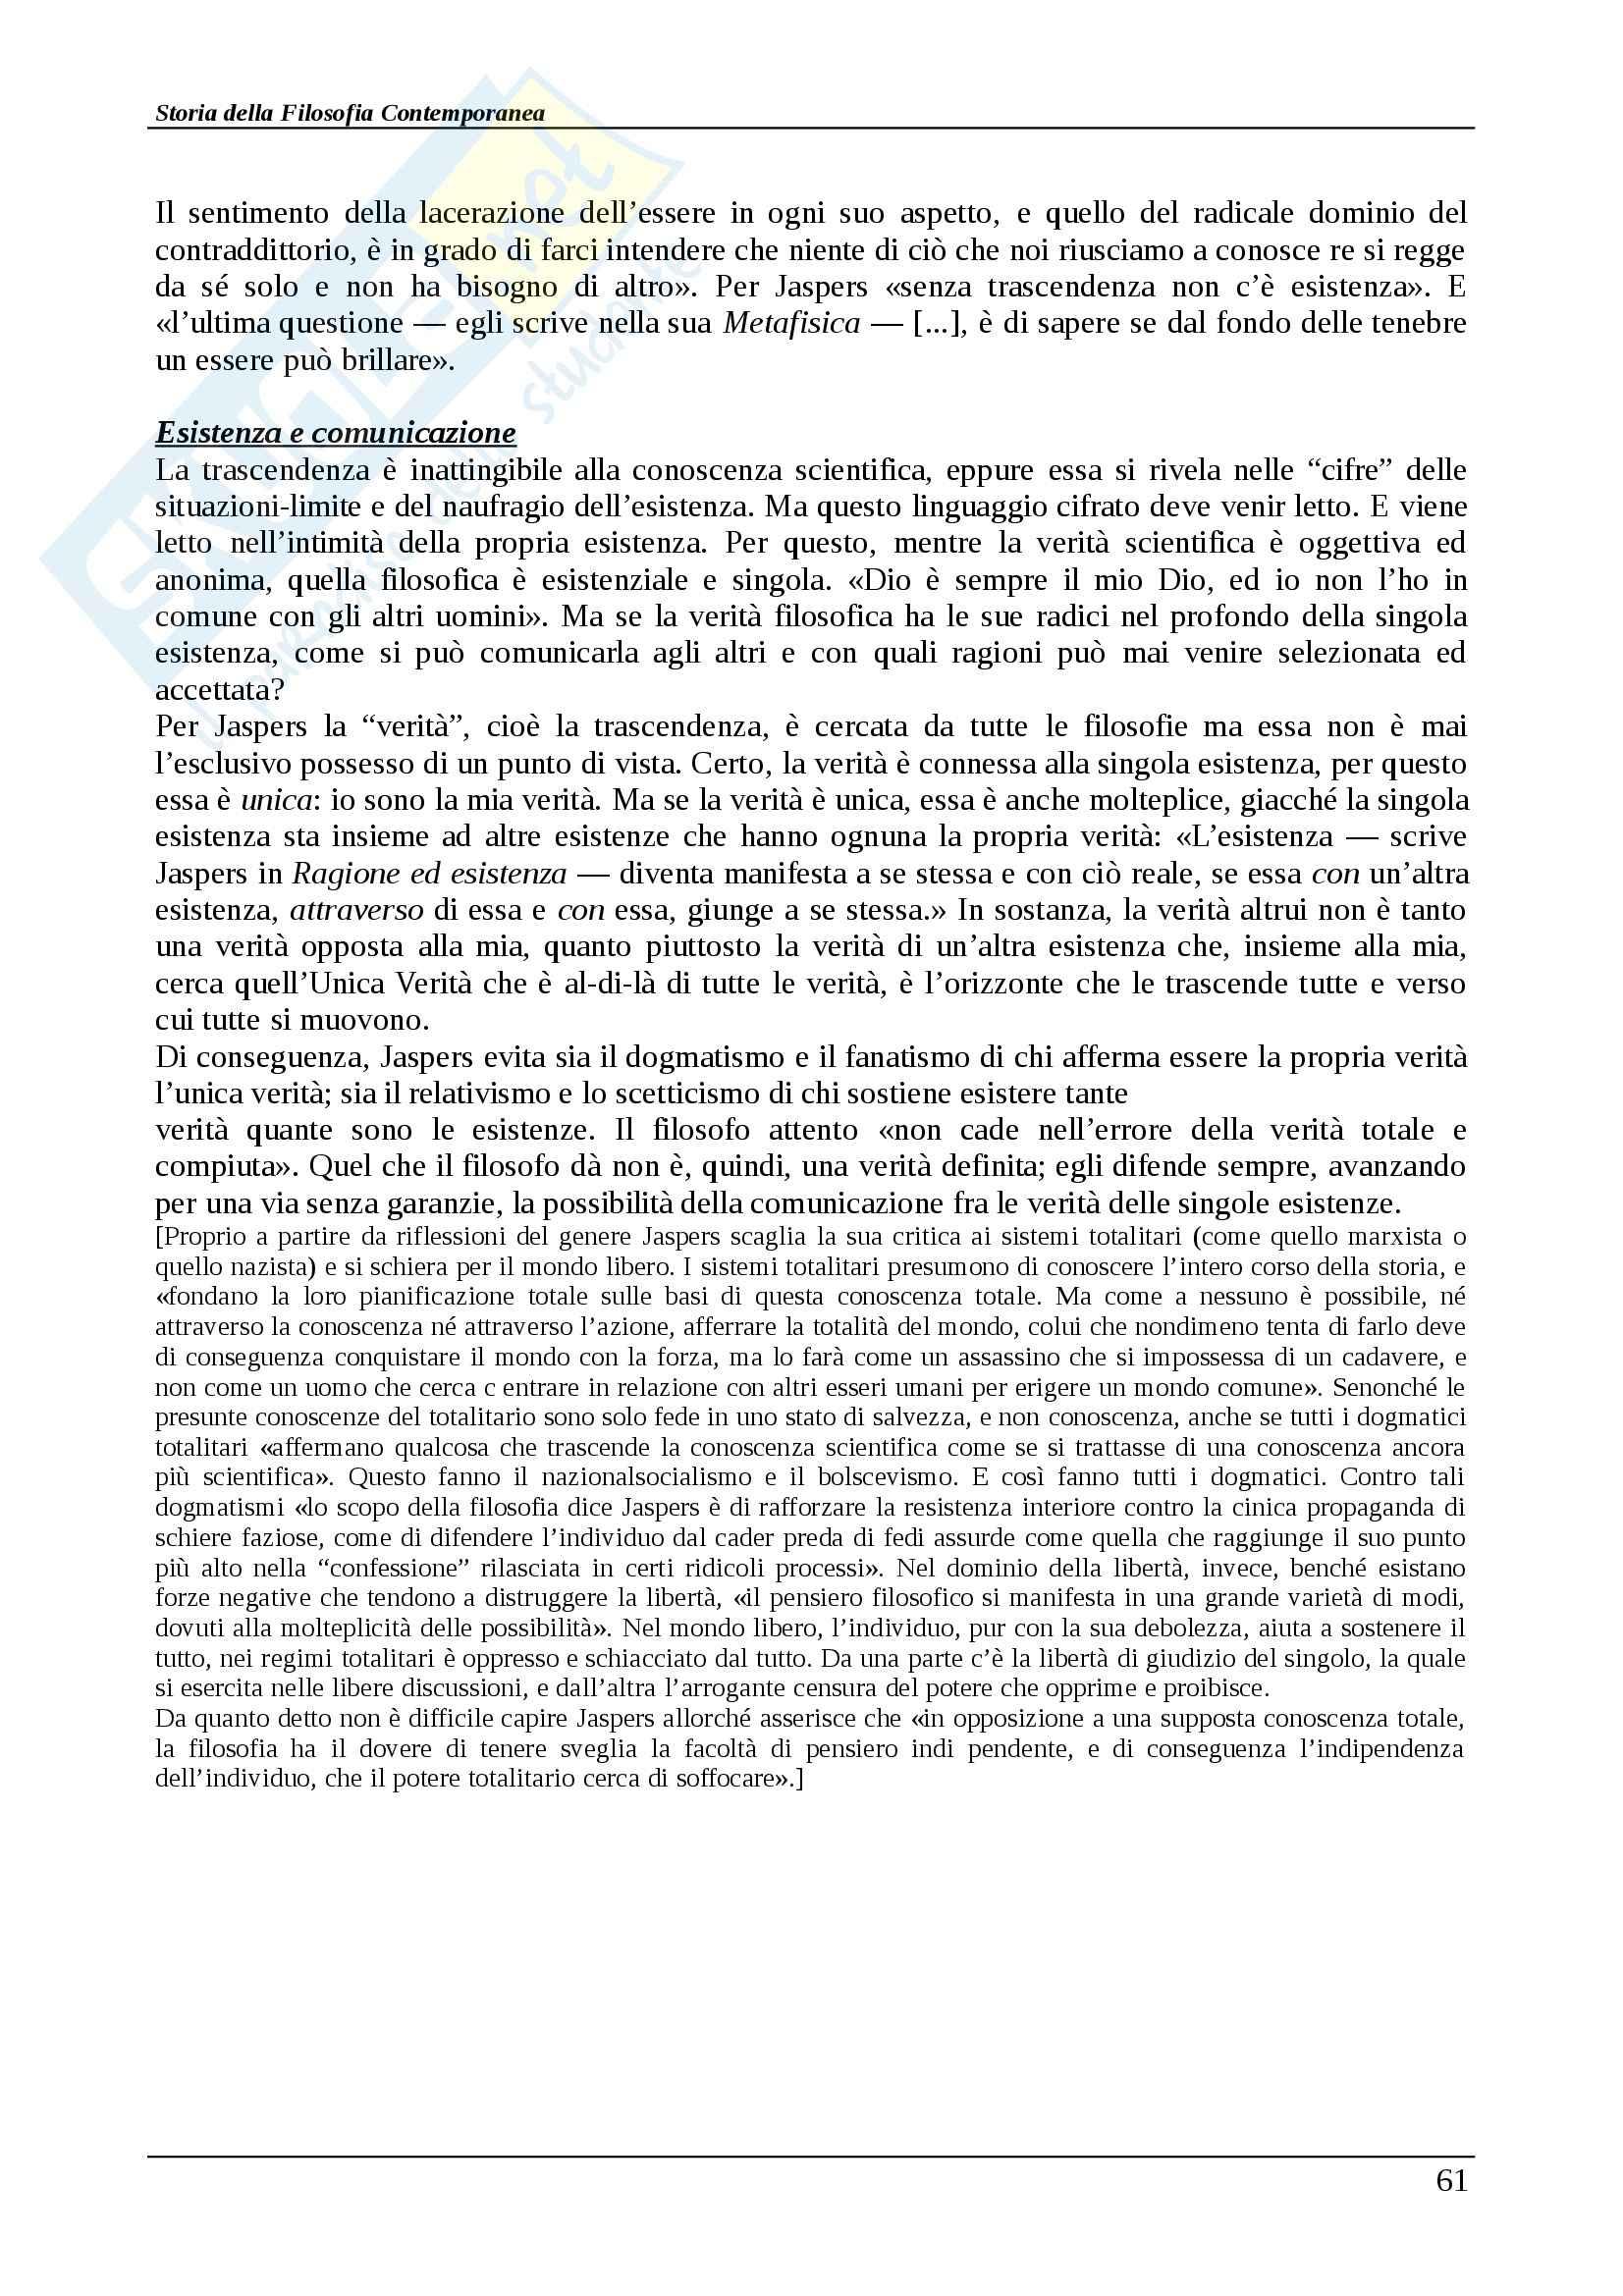 Riassunto esame Storia della filosofia contemporanea, Storia della filosofia contemporanea, Abbagnano/Fornero, prof. Scaria Pag. 61